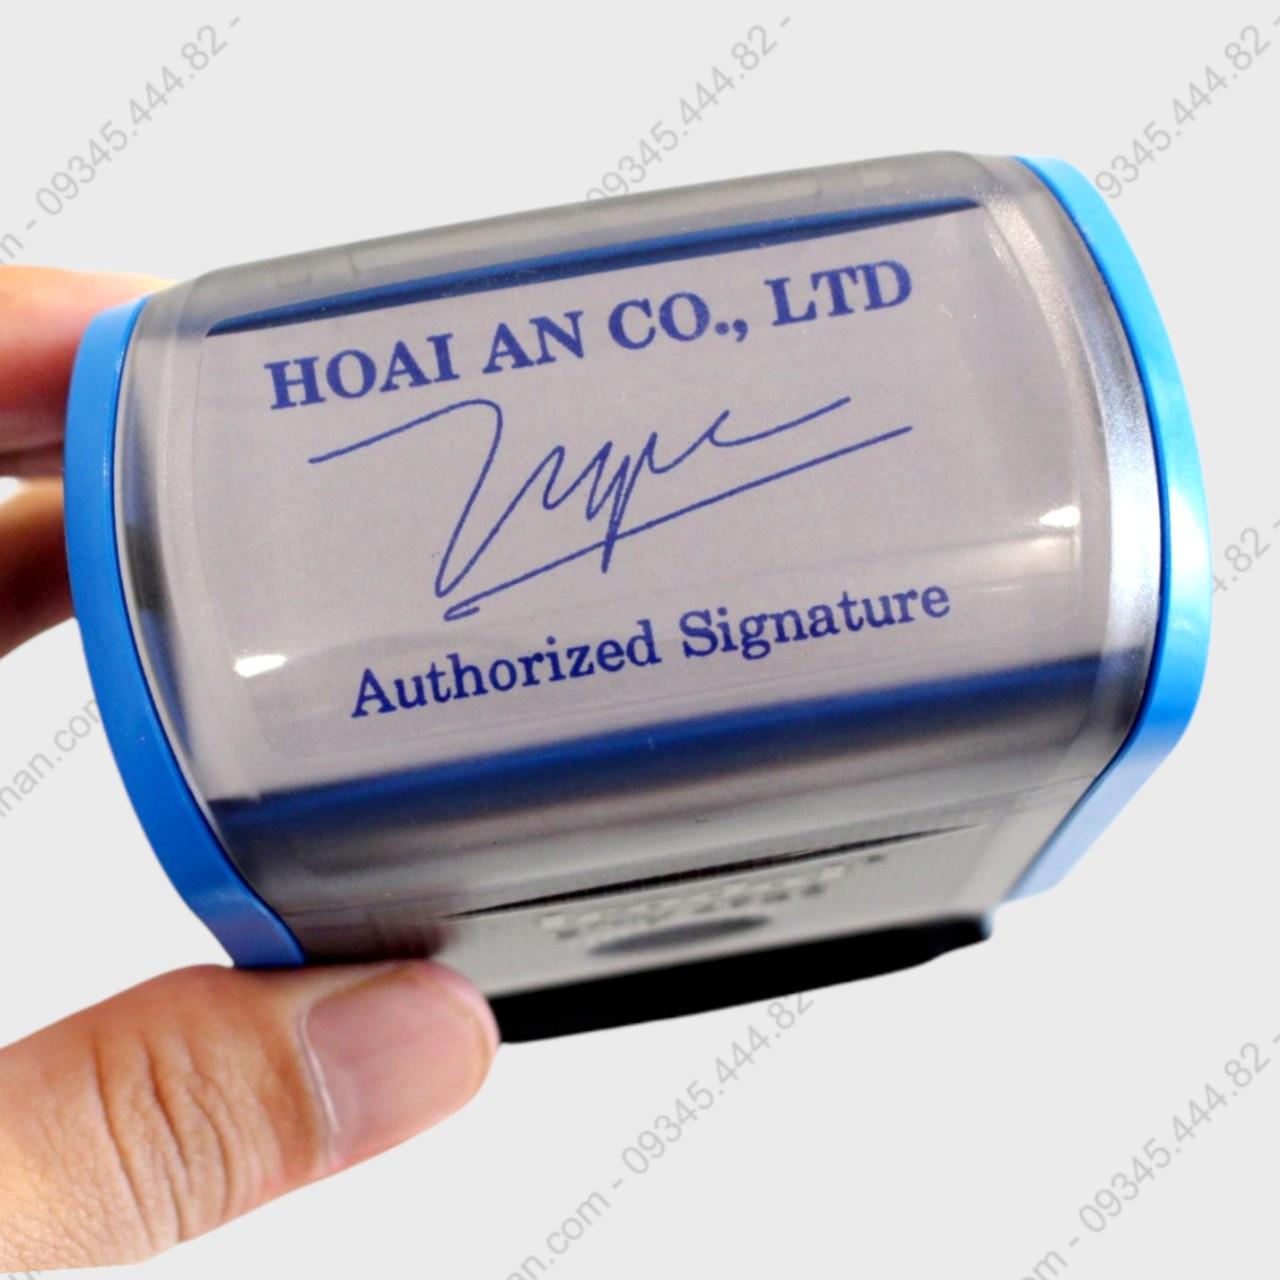 khắc dấu chữ ký giá rẻ TPHCM - Hà Nội nhận làm con dấu chữ ký theo yêu cầu thiết kế tinh tế sảm phẩm đảm bảo chất lượng tốt.